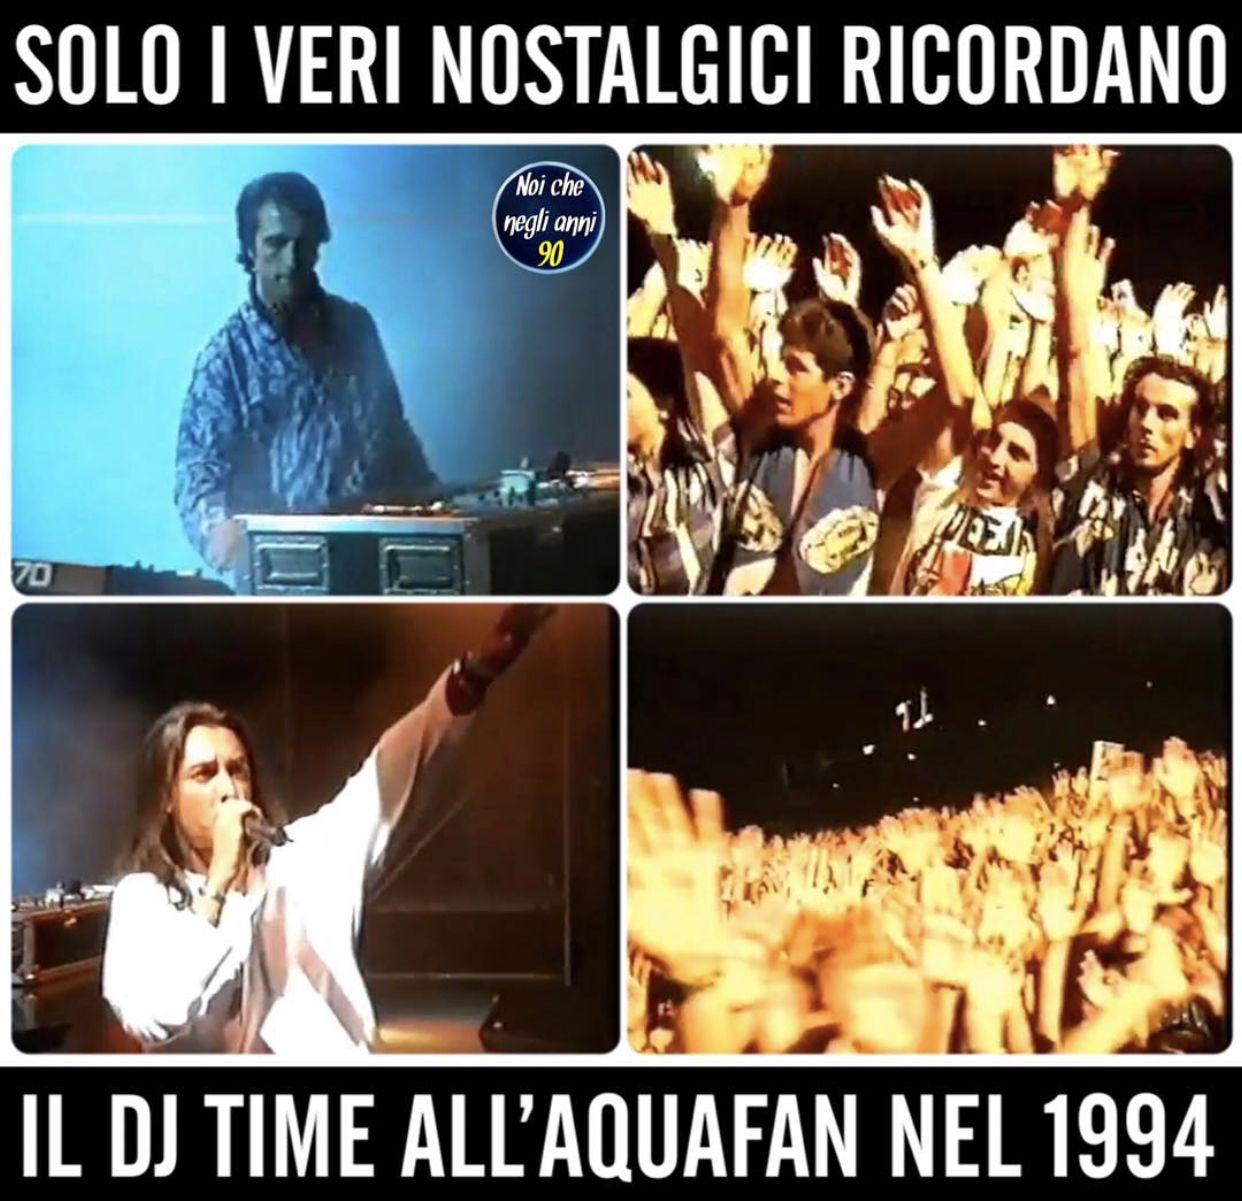 Pin di Cristiano Roscini su Musica Dance anni 90 Anni 90